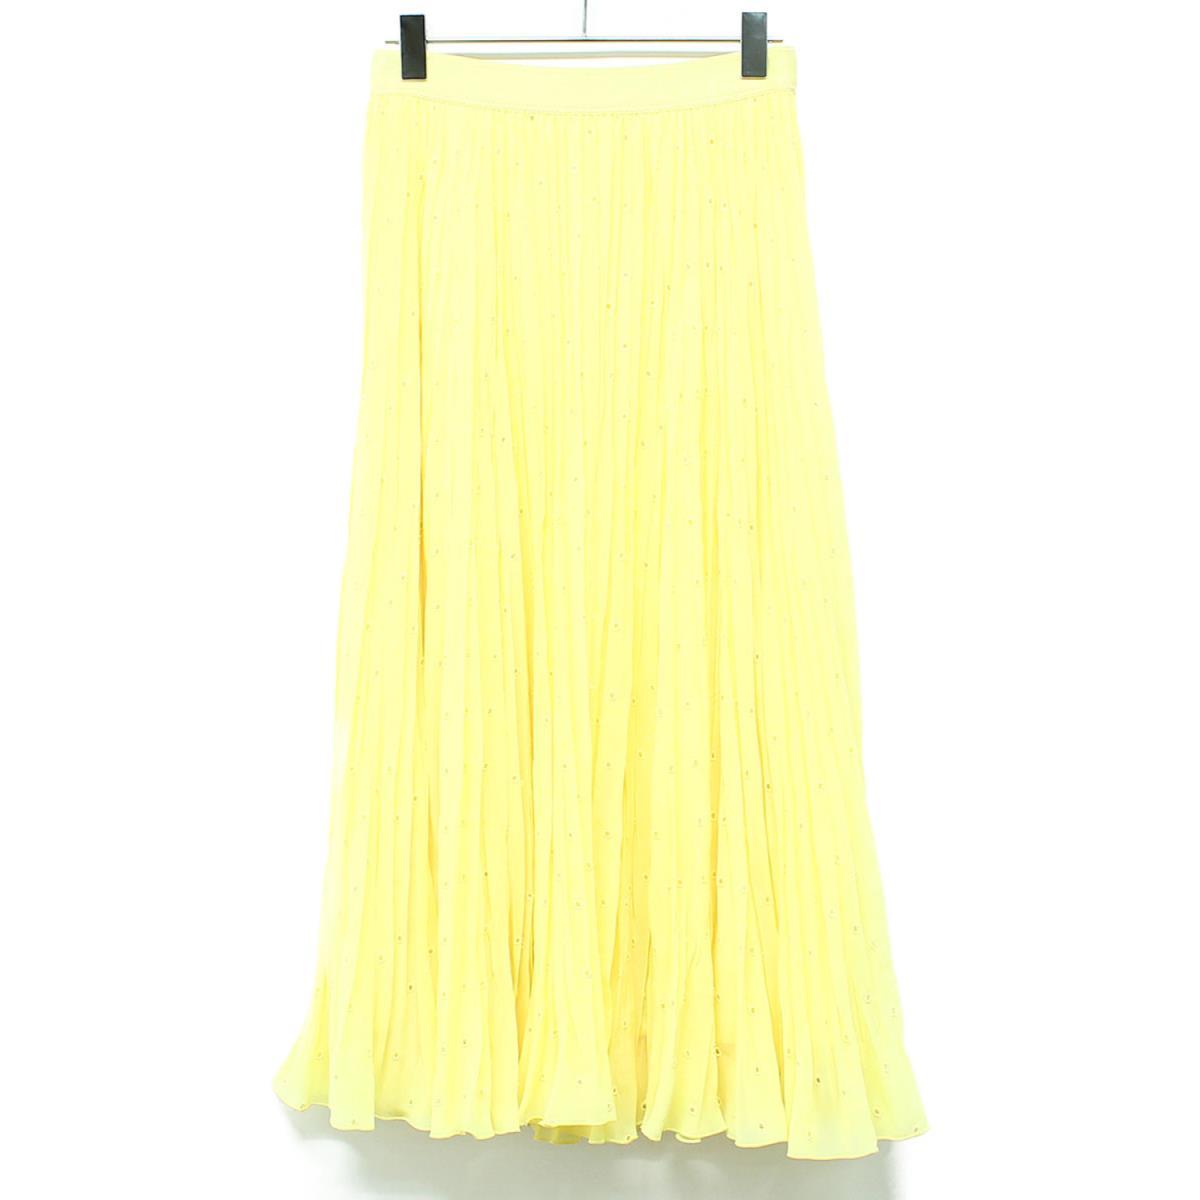 ANAYI アナイ スカート ドット 刺繍 プリーツ スカート 日本製 20春夏 イエロー 36 【レディース】【中古】【美品】【K2605】